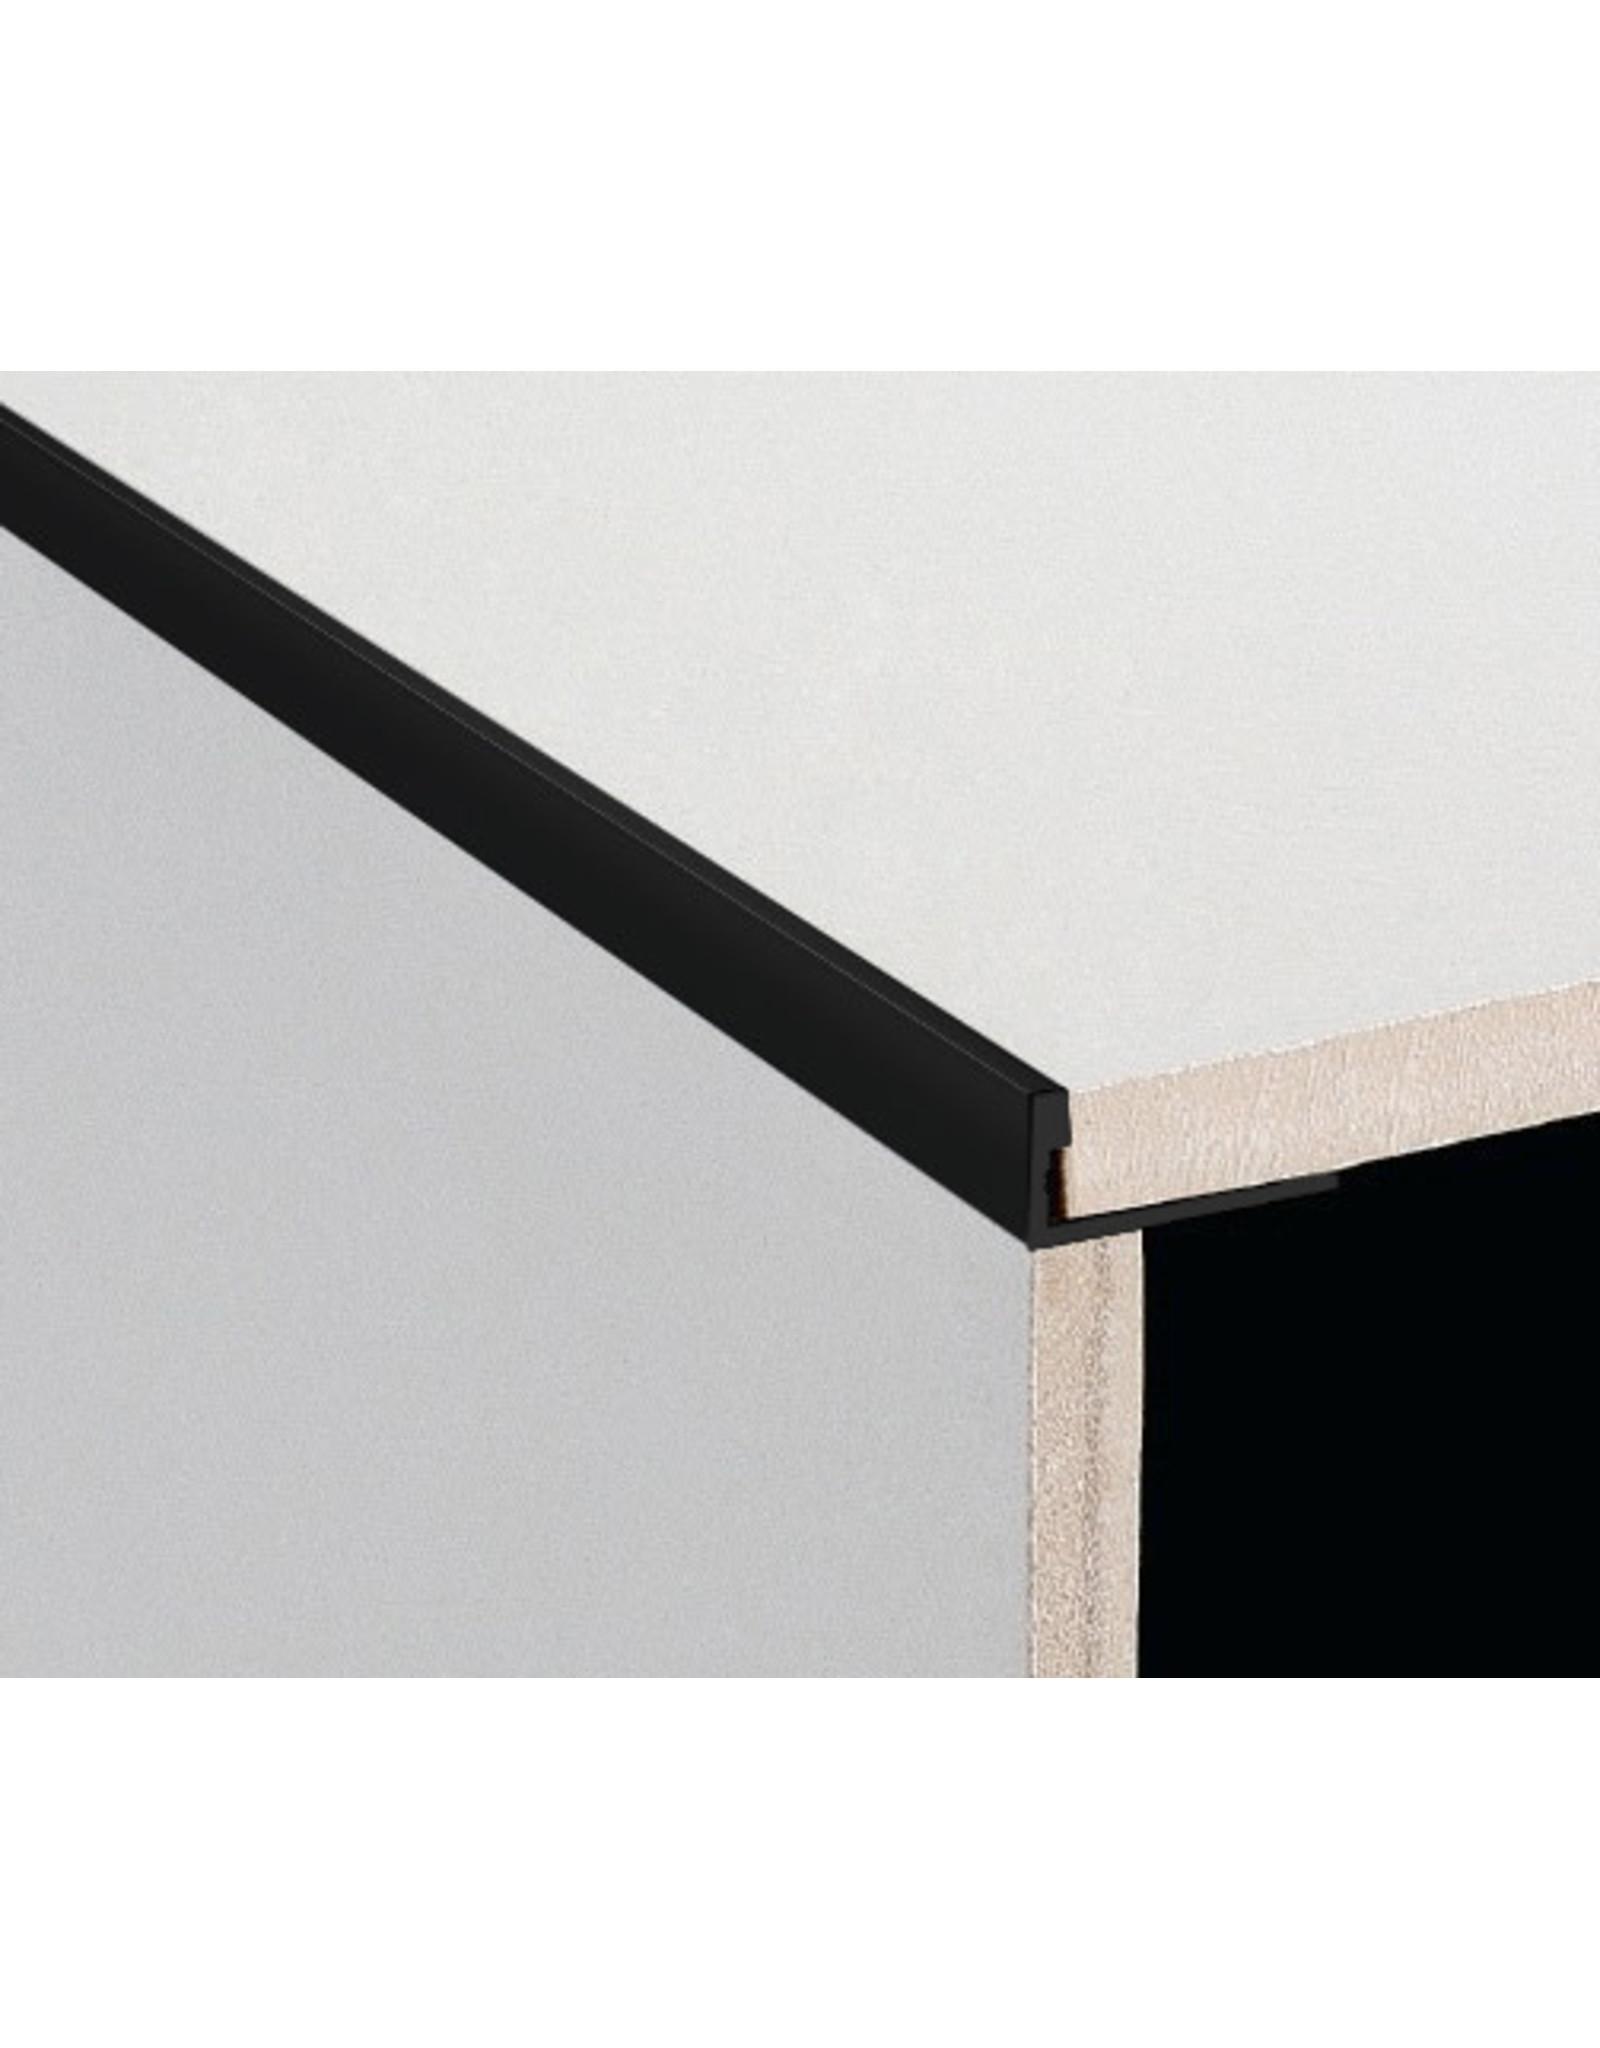 DTA 11mm DTA Aluminium L-Shape Trim, Matt Black